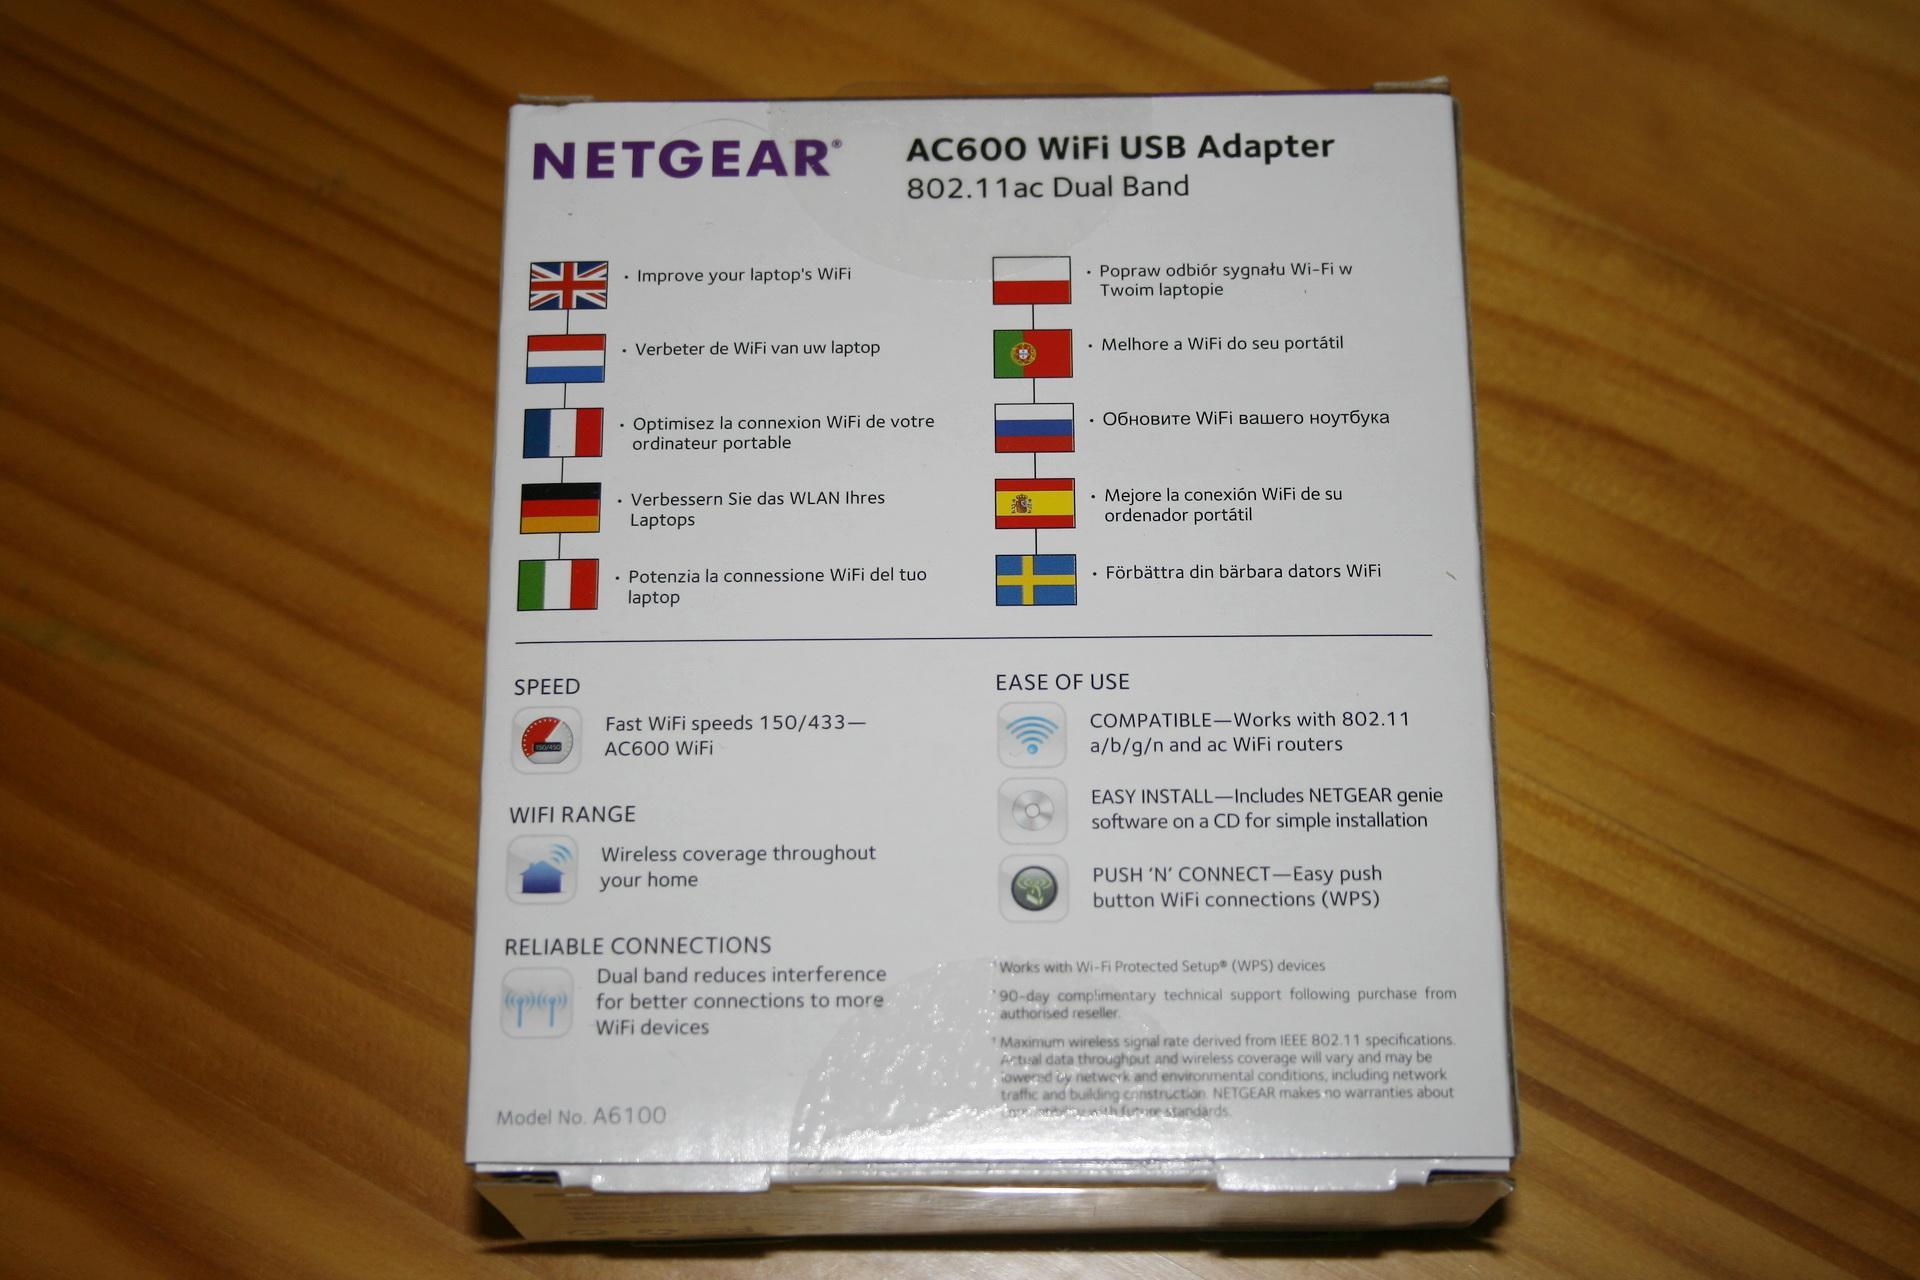 Netgear A6100 Linux Driver